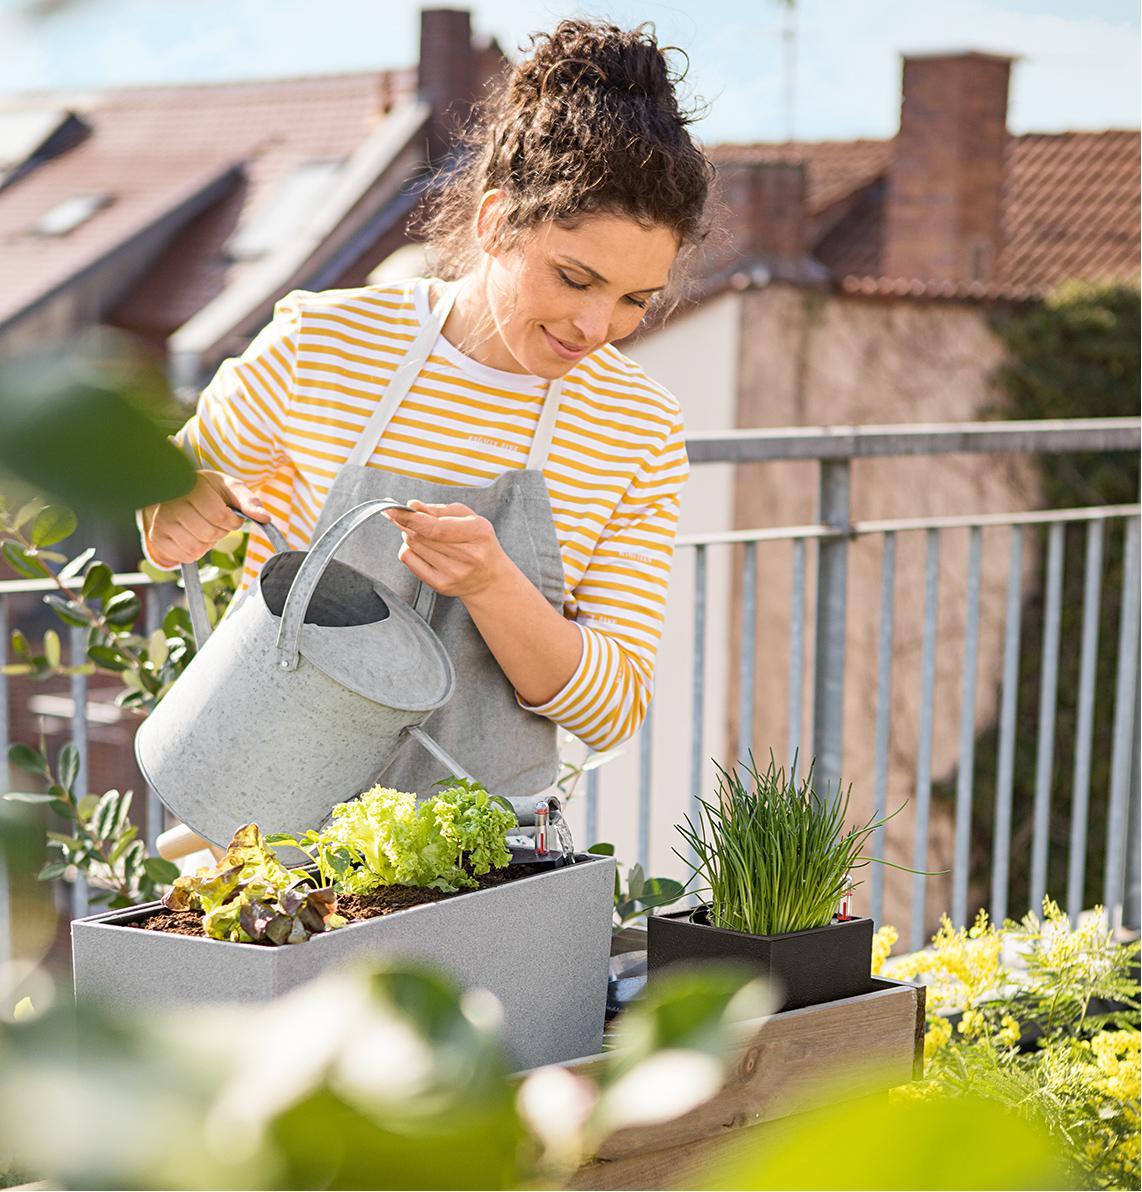 Een vrouw geeft haar geplante salade water